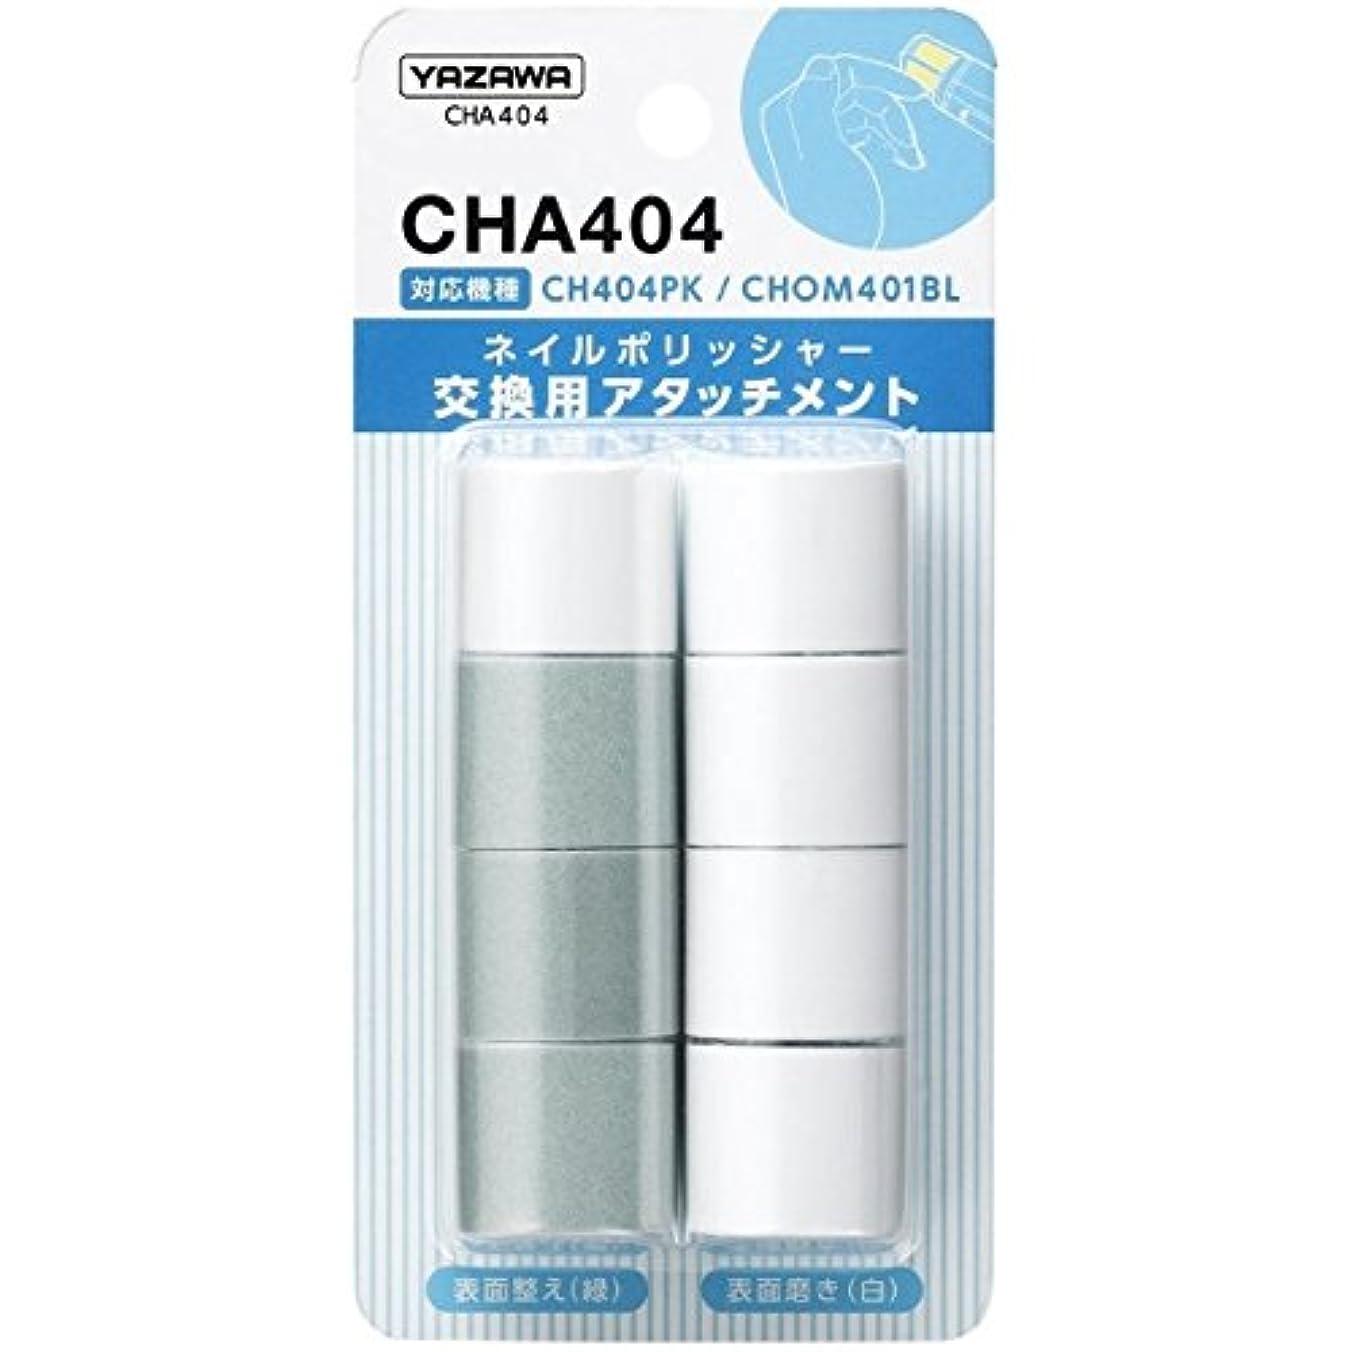 ベース鮮やかな呼吸するYAZAWA(ヤザワコーポレーション) ネイルポリッシャー交換用アタッチメント CHA404